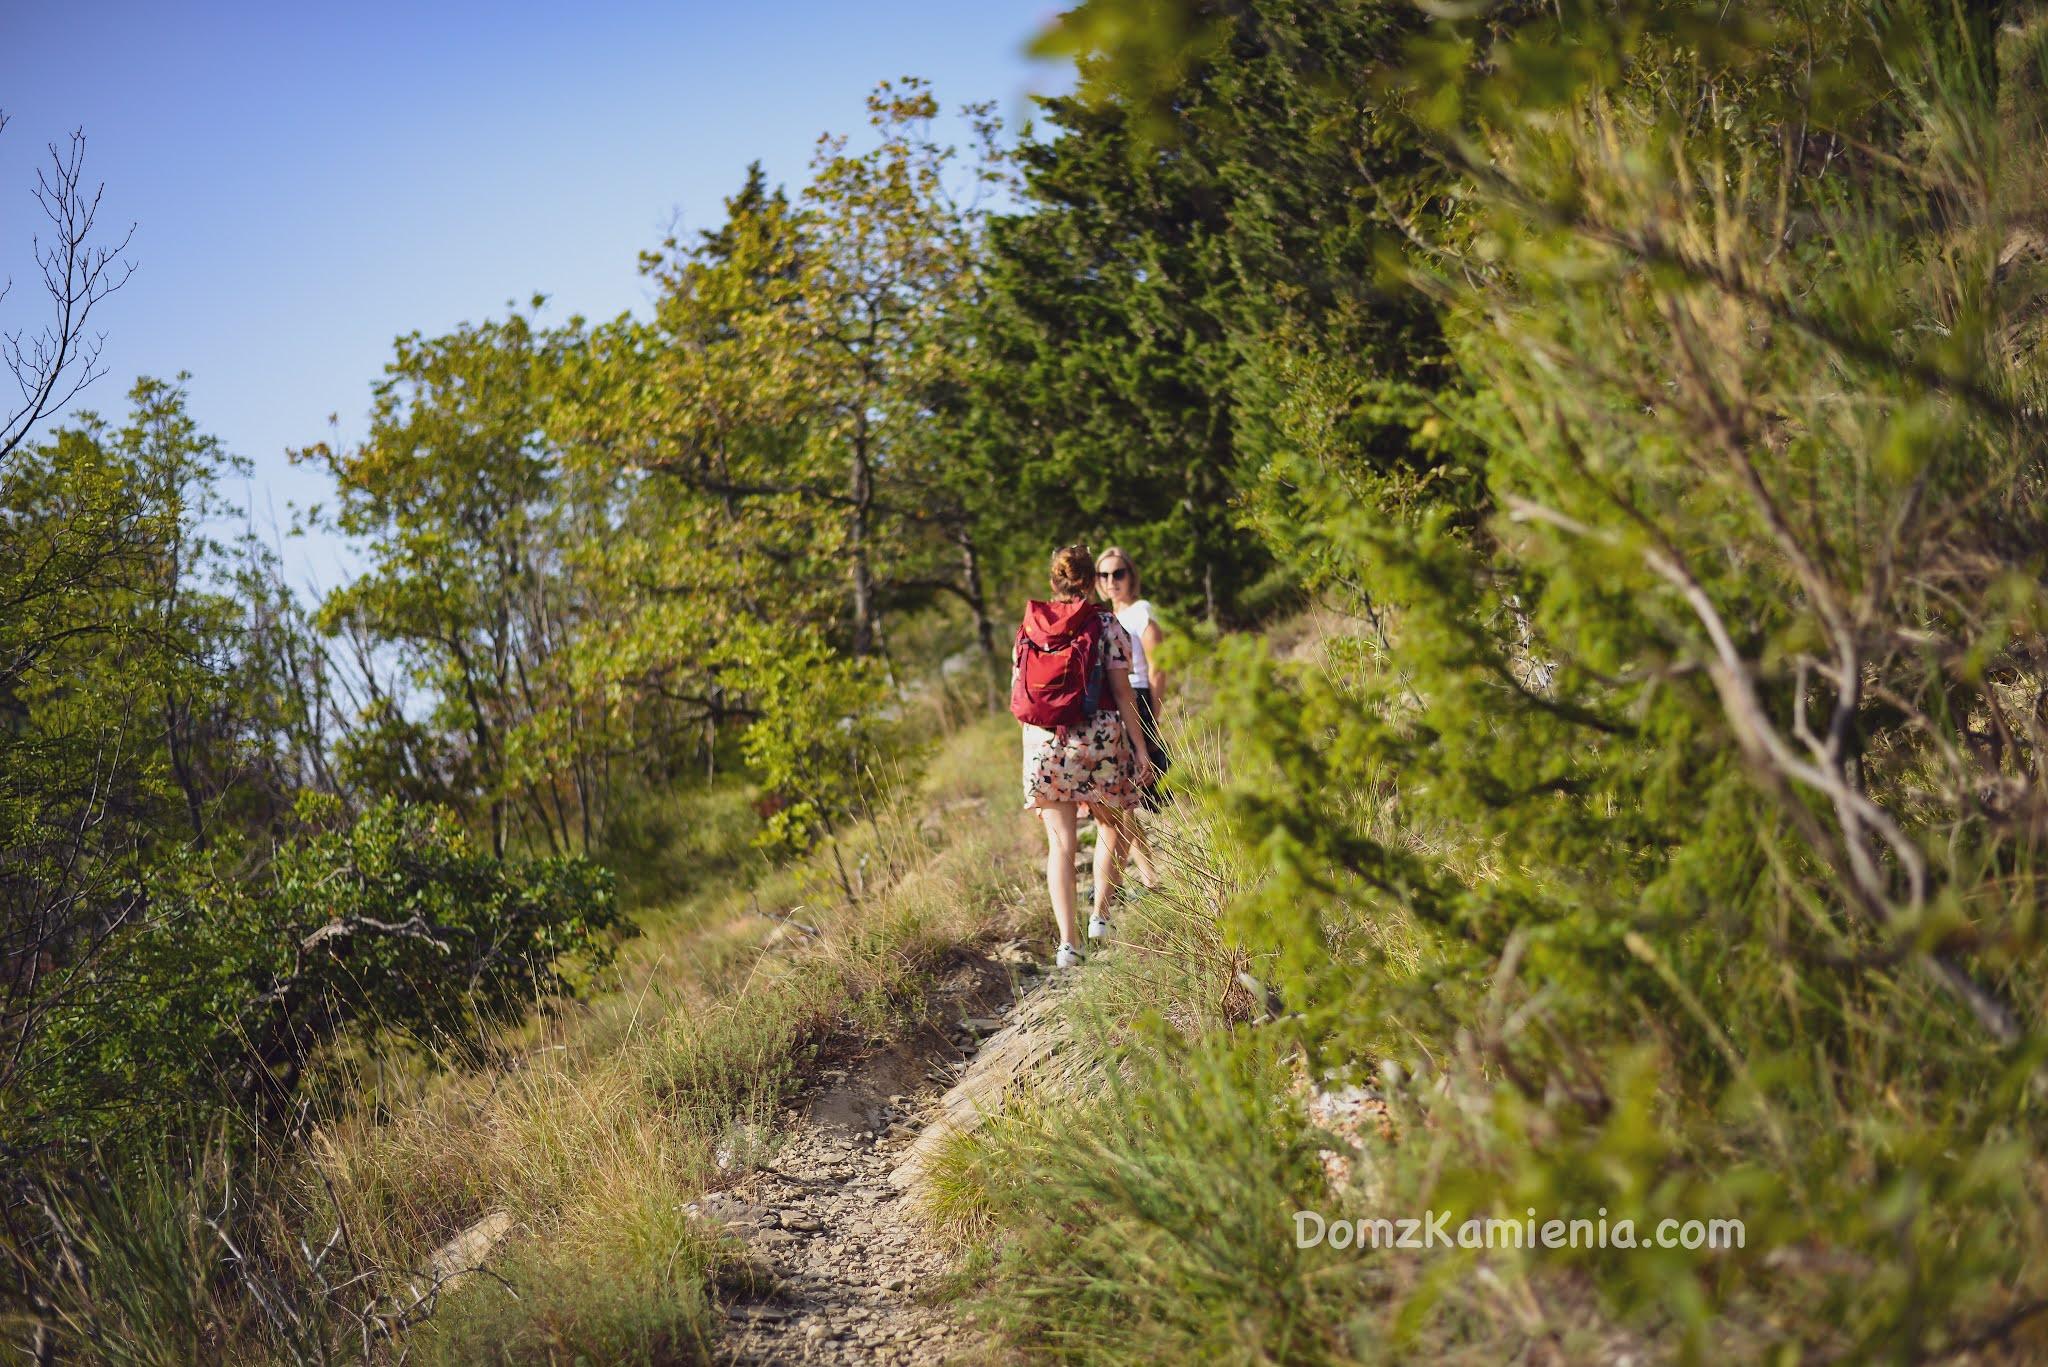 Trekking Toskania, Dom z Kamienia